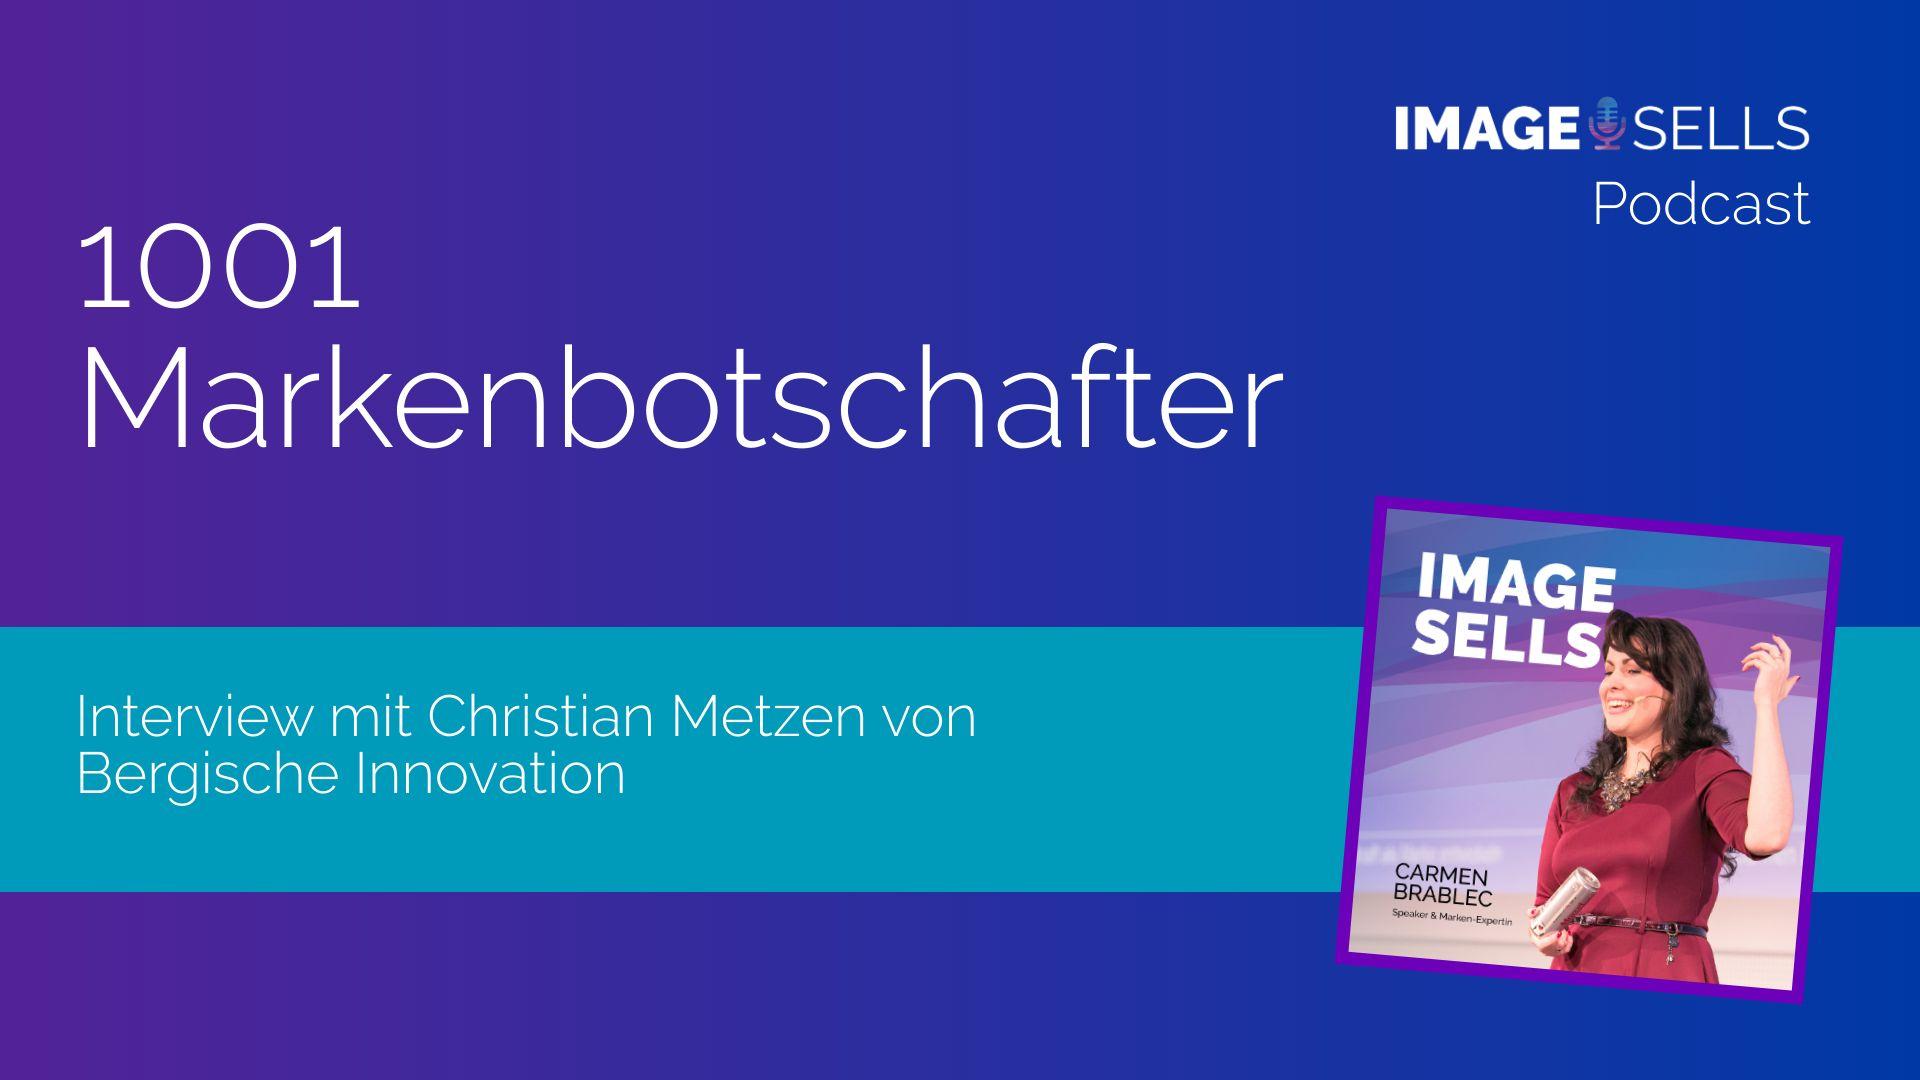 1001 Markenbotschafter – eine Erfolgsgeschichte für die Stadt Wuppertal mit Christian Metzen – ISP #037